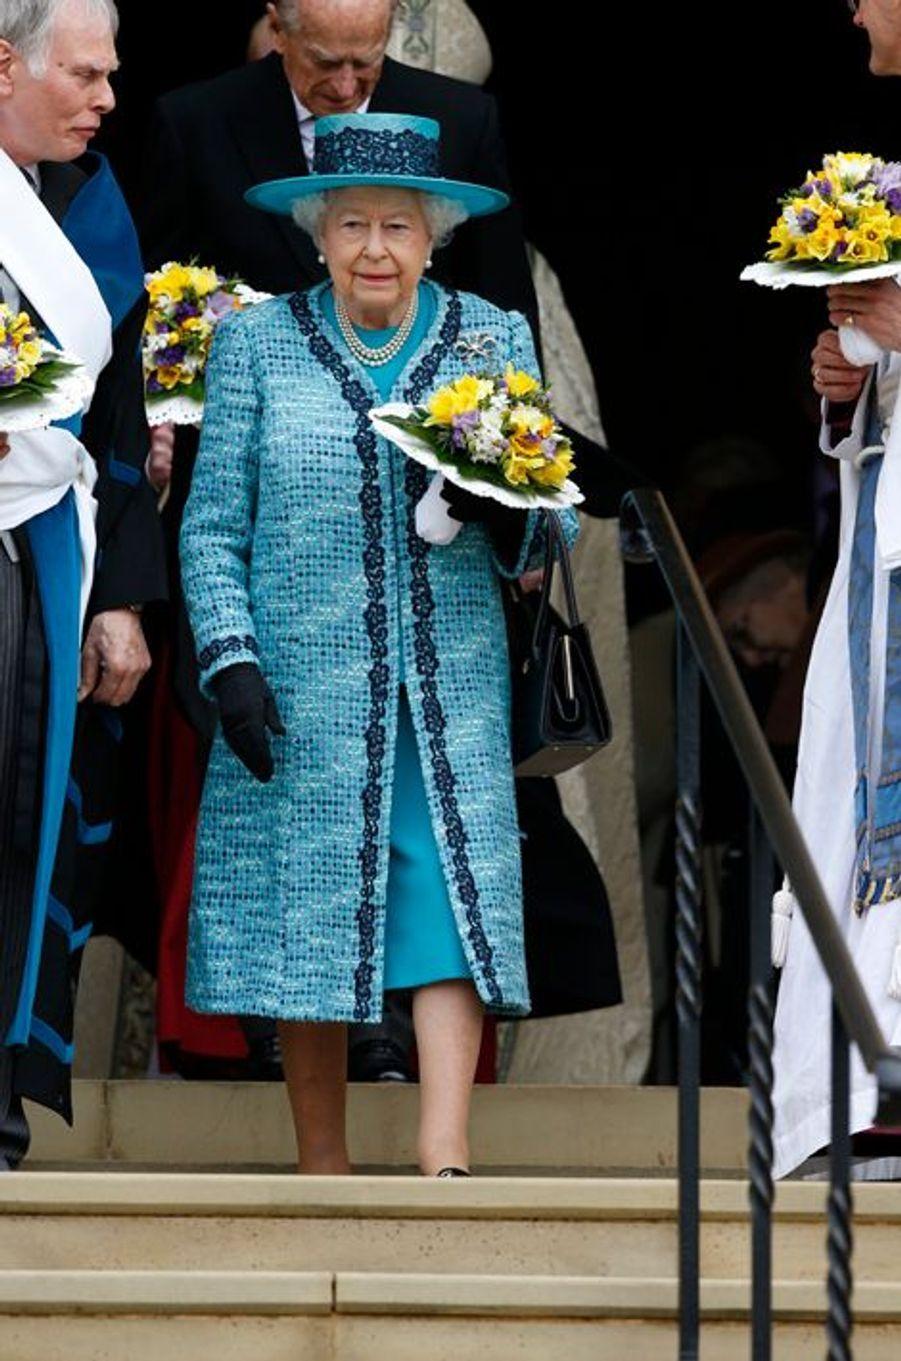 La reine Elizabeth II et le prince Philip au Maundy Service du Jeudi saint à Windsor, le 24 mars 2016